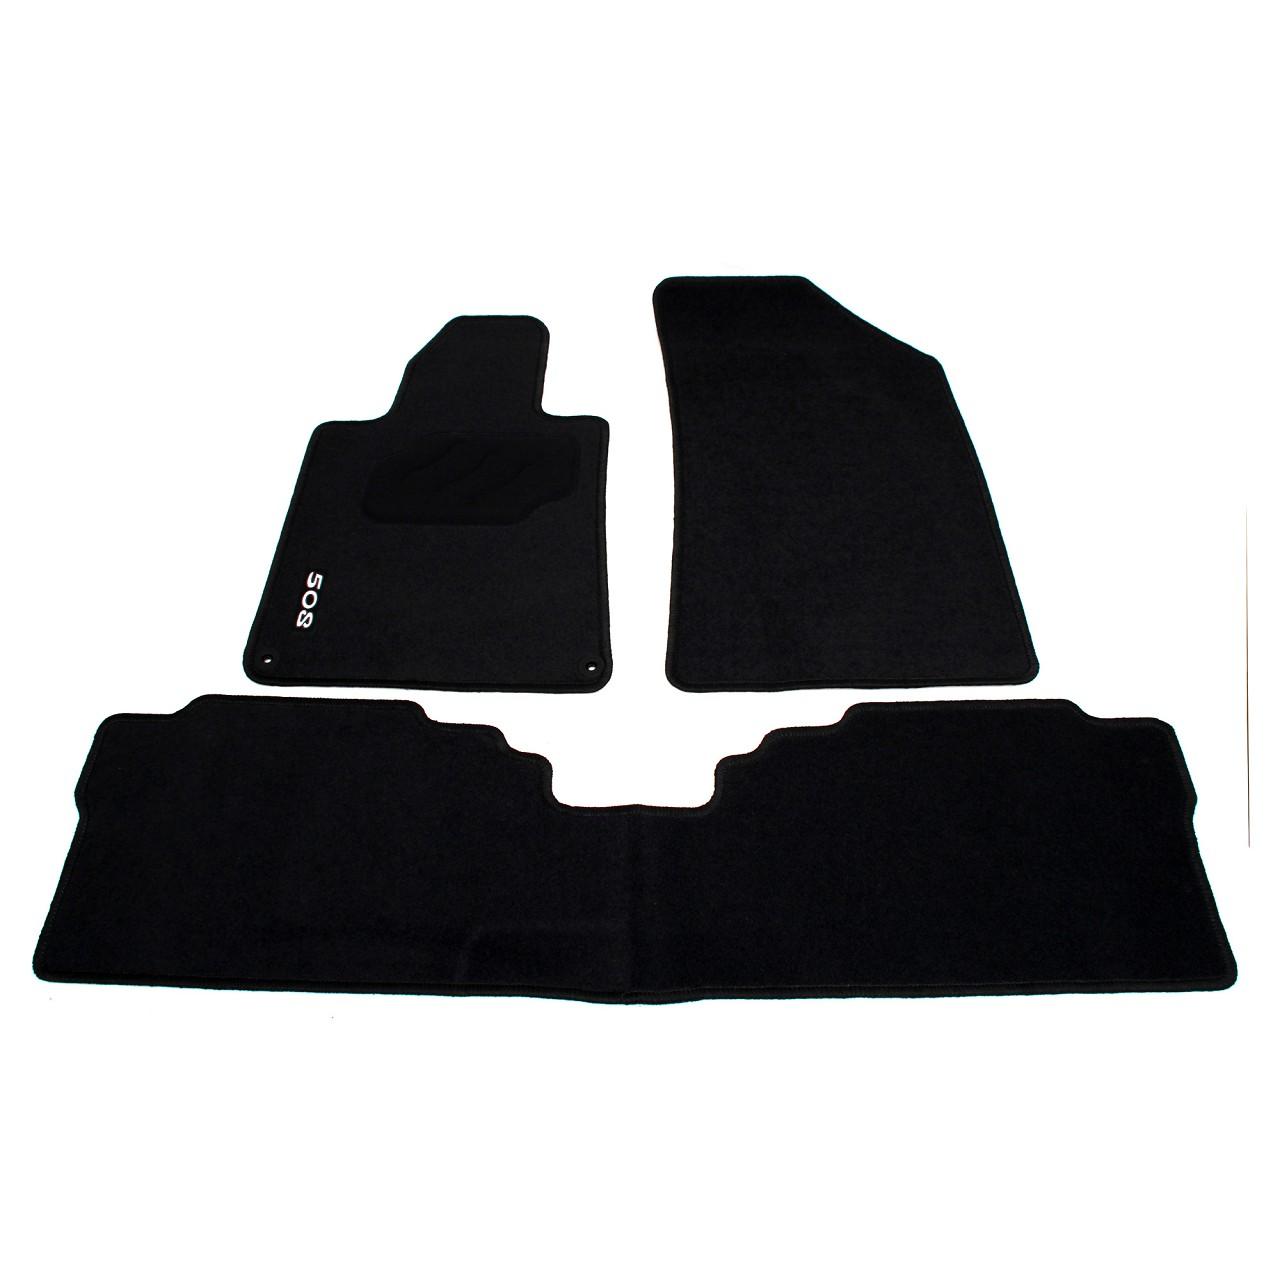 ORIGINAL Peugeot Textilmatten Fußmatten Automatten Satz 3-TEILIG 9464.GH für 508